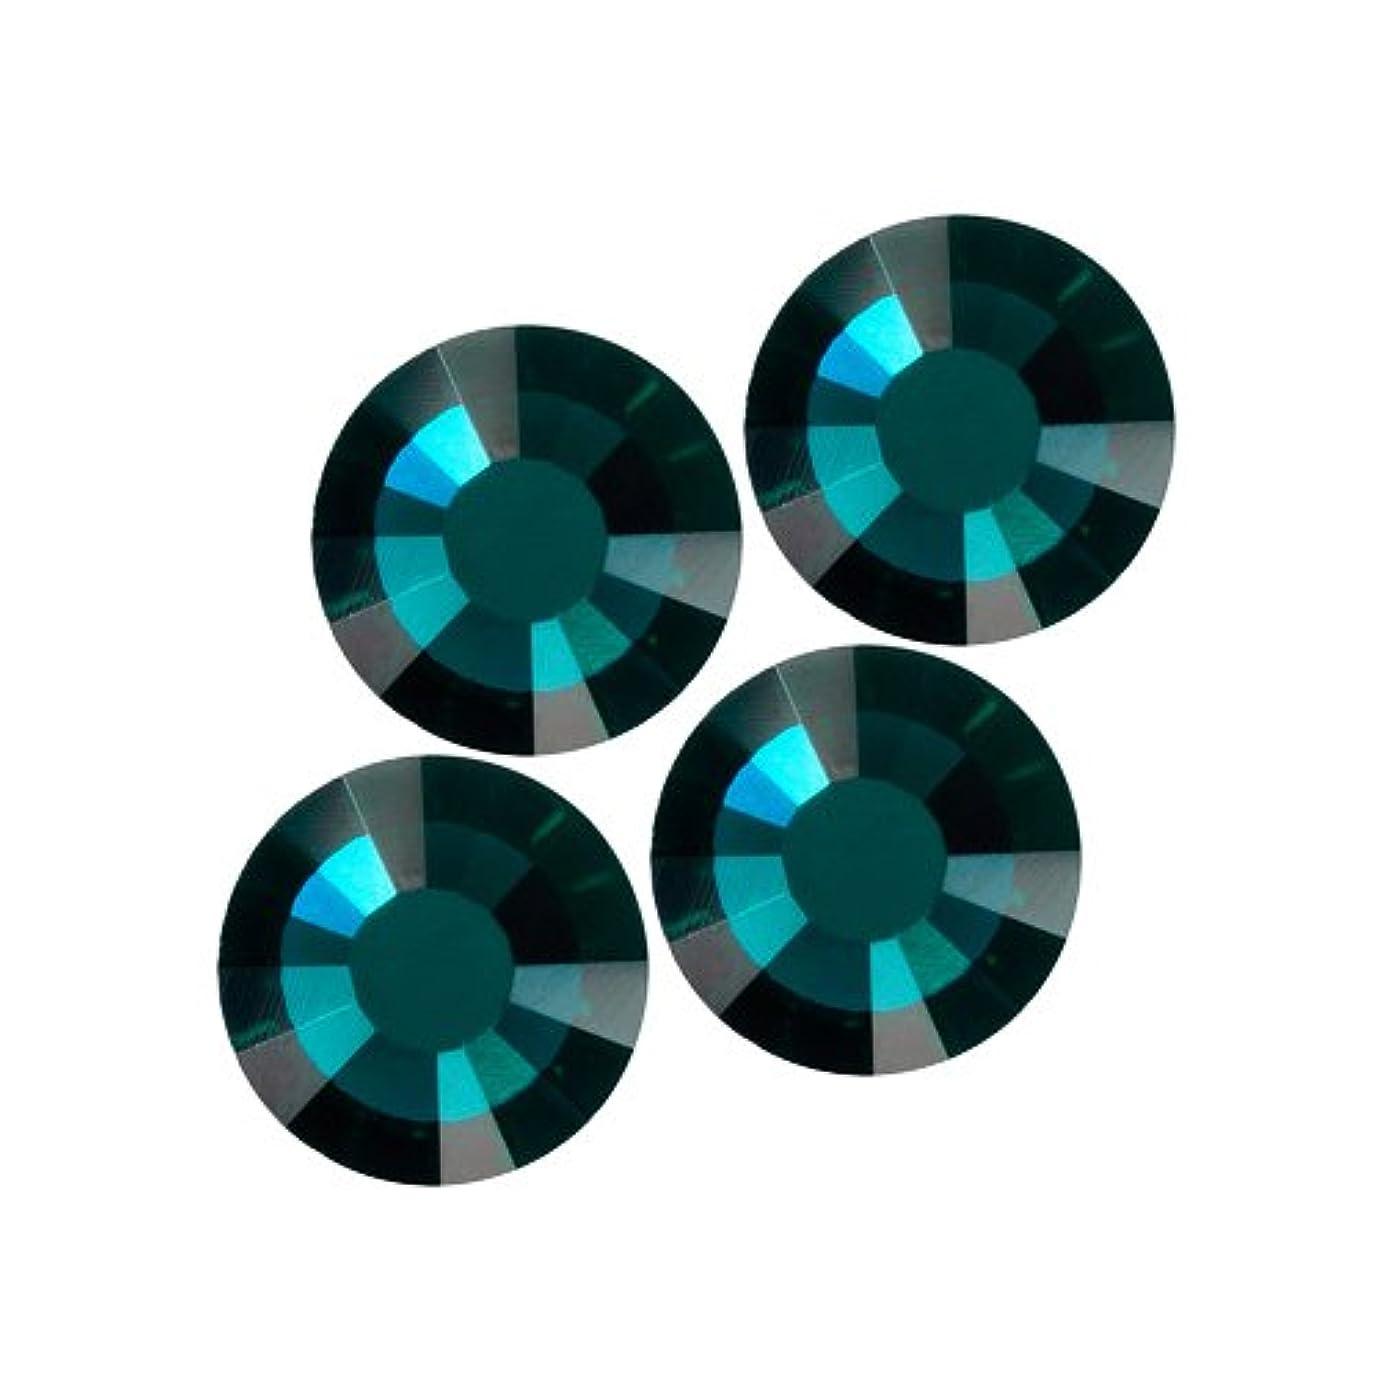 いつもカンガルー論争バイナル DIAMOND RHINESTONE エメラルド SS8 720粒 ST-SS8-EME-5G